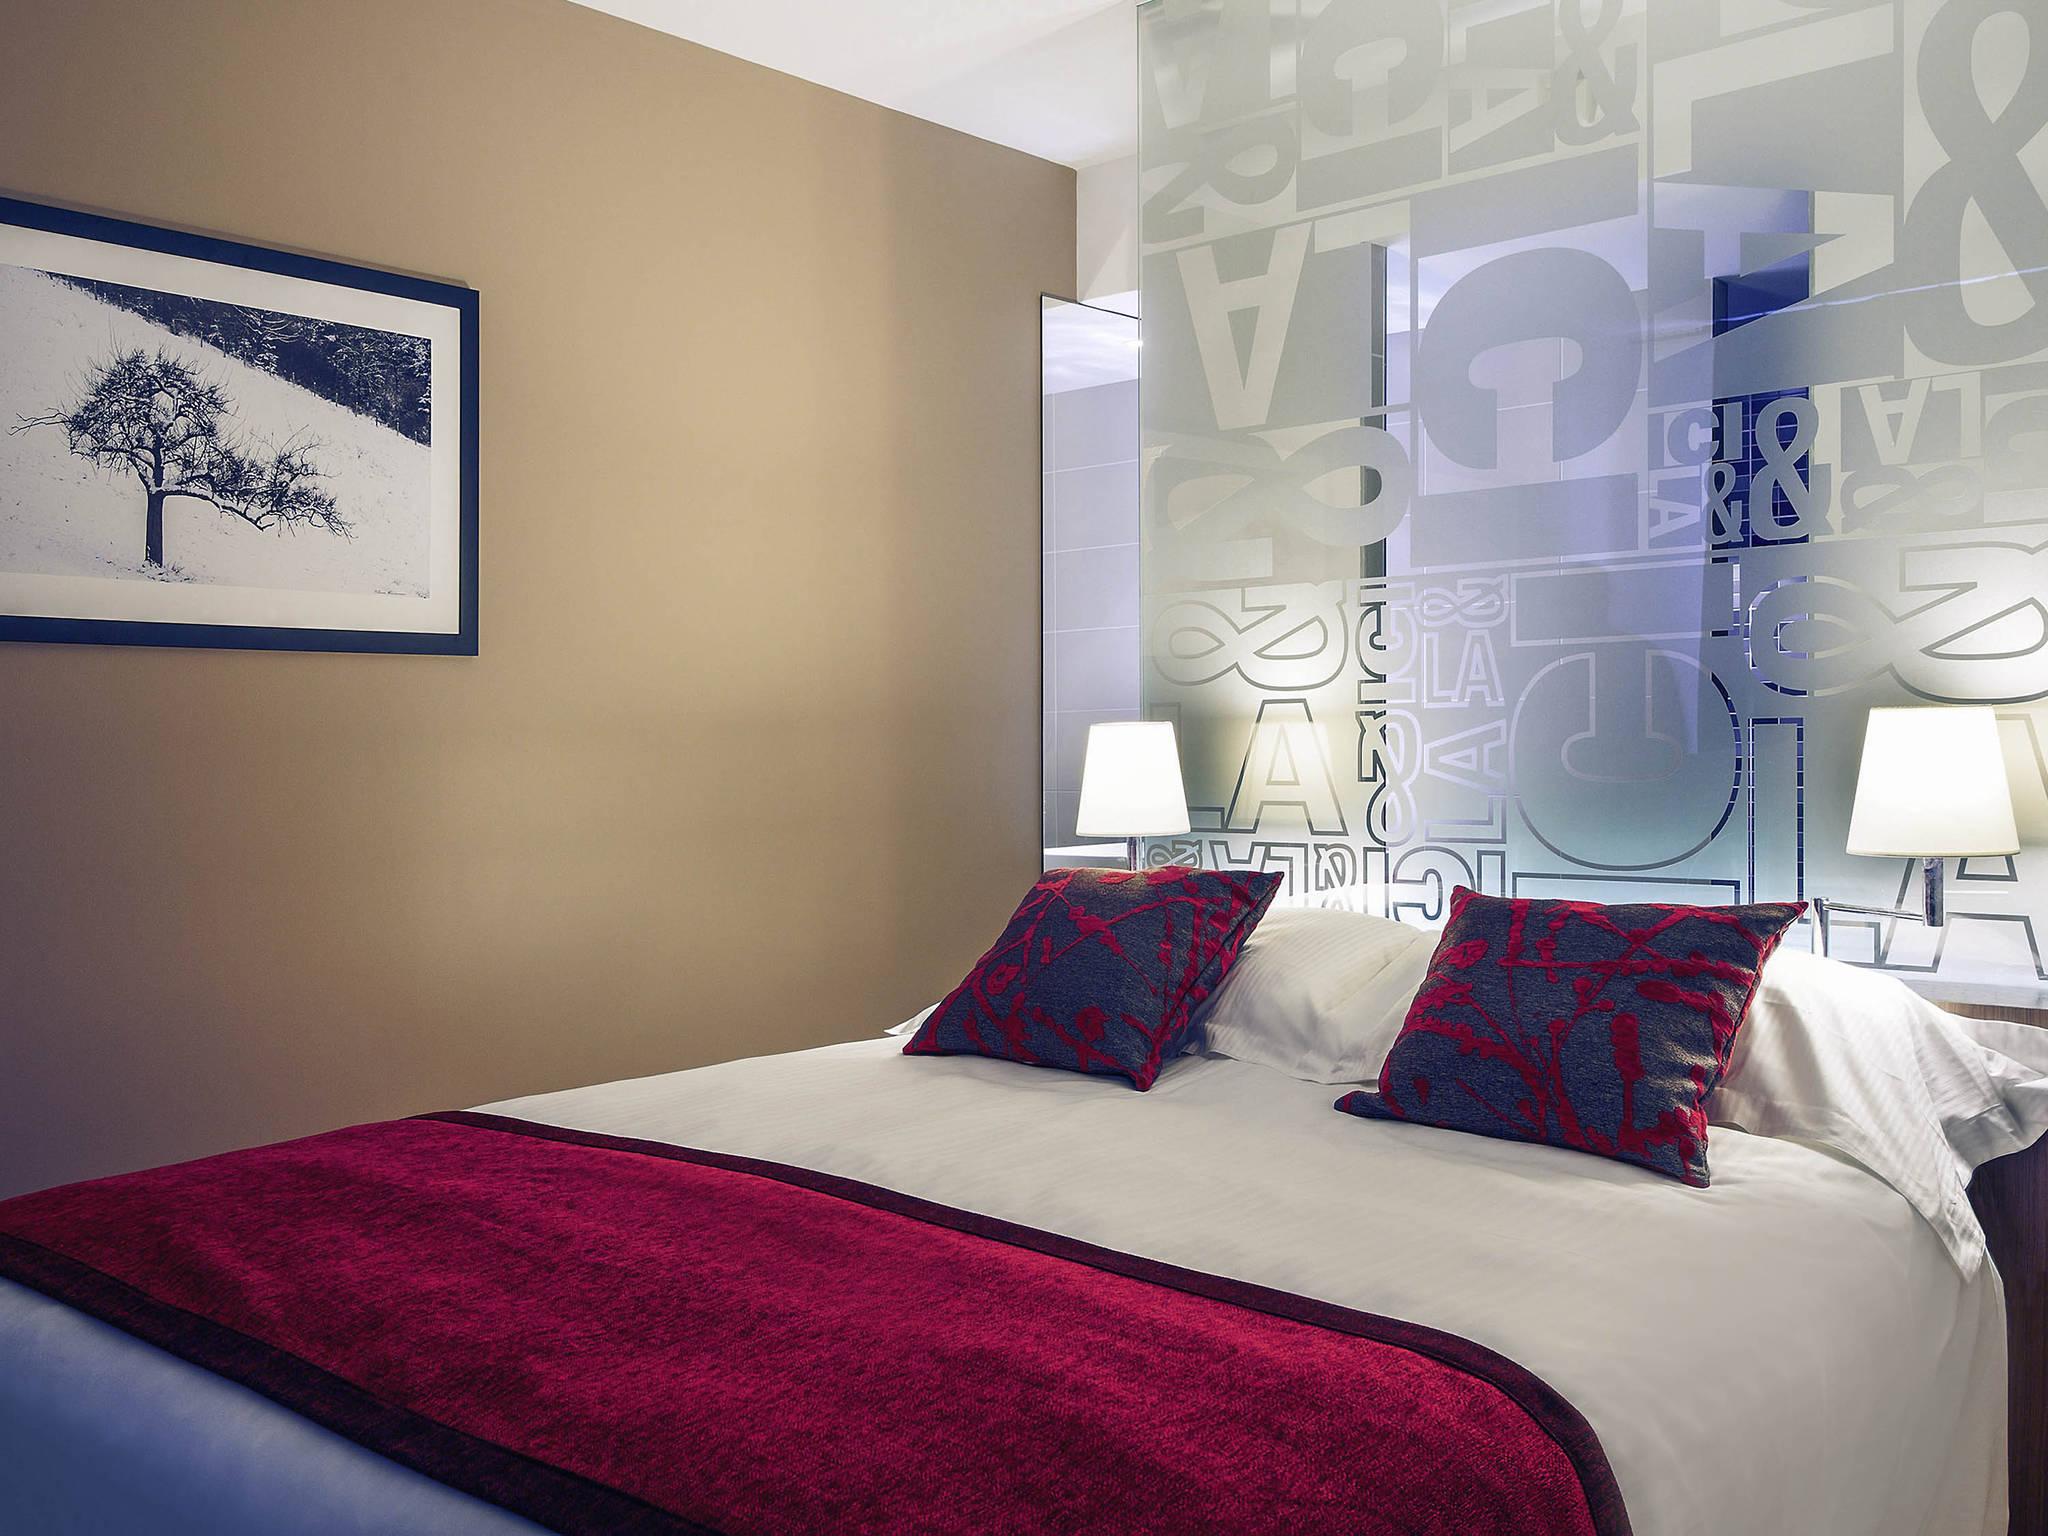 酒店 – Villefranche en Beaujolais Ici & La 美居酒店